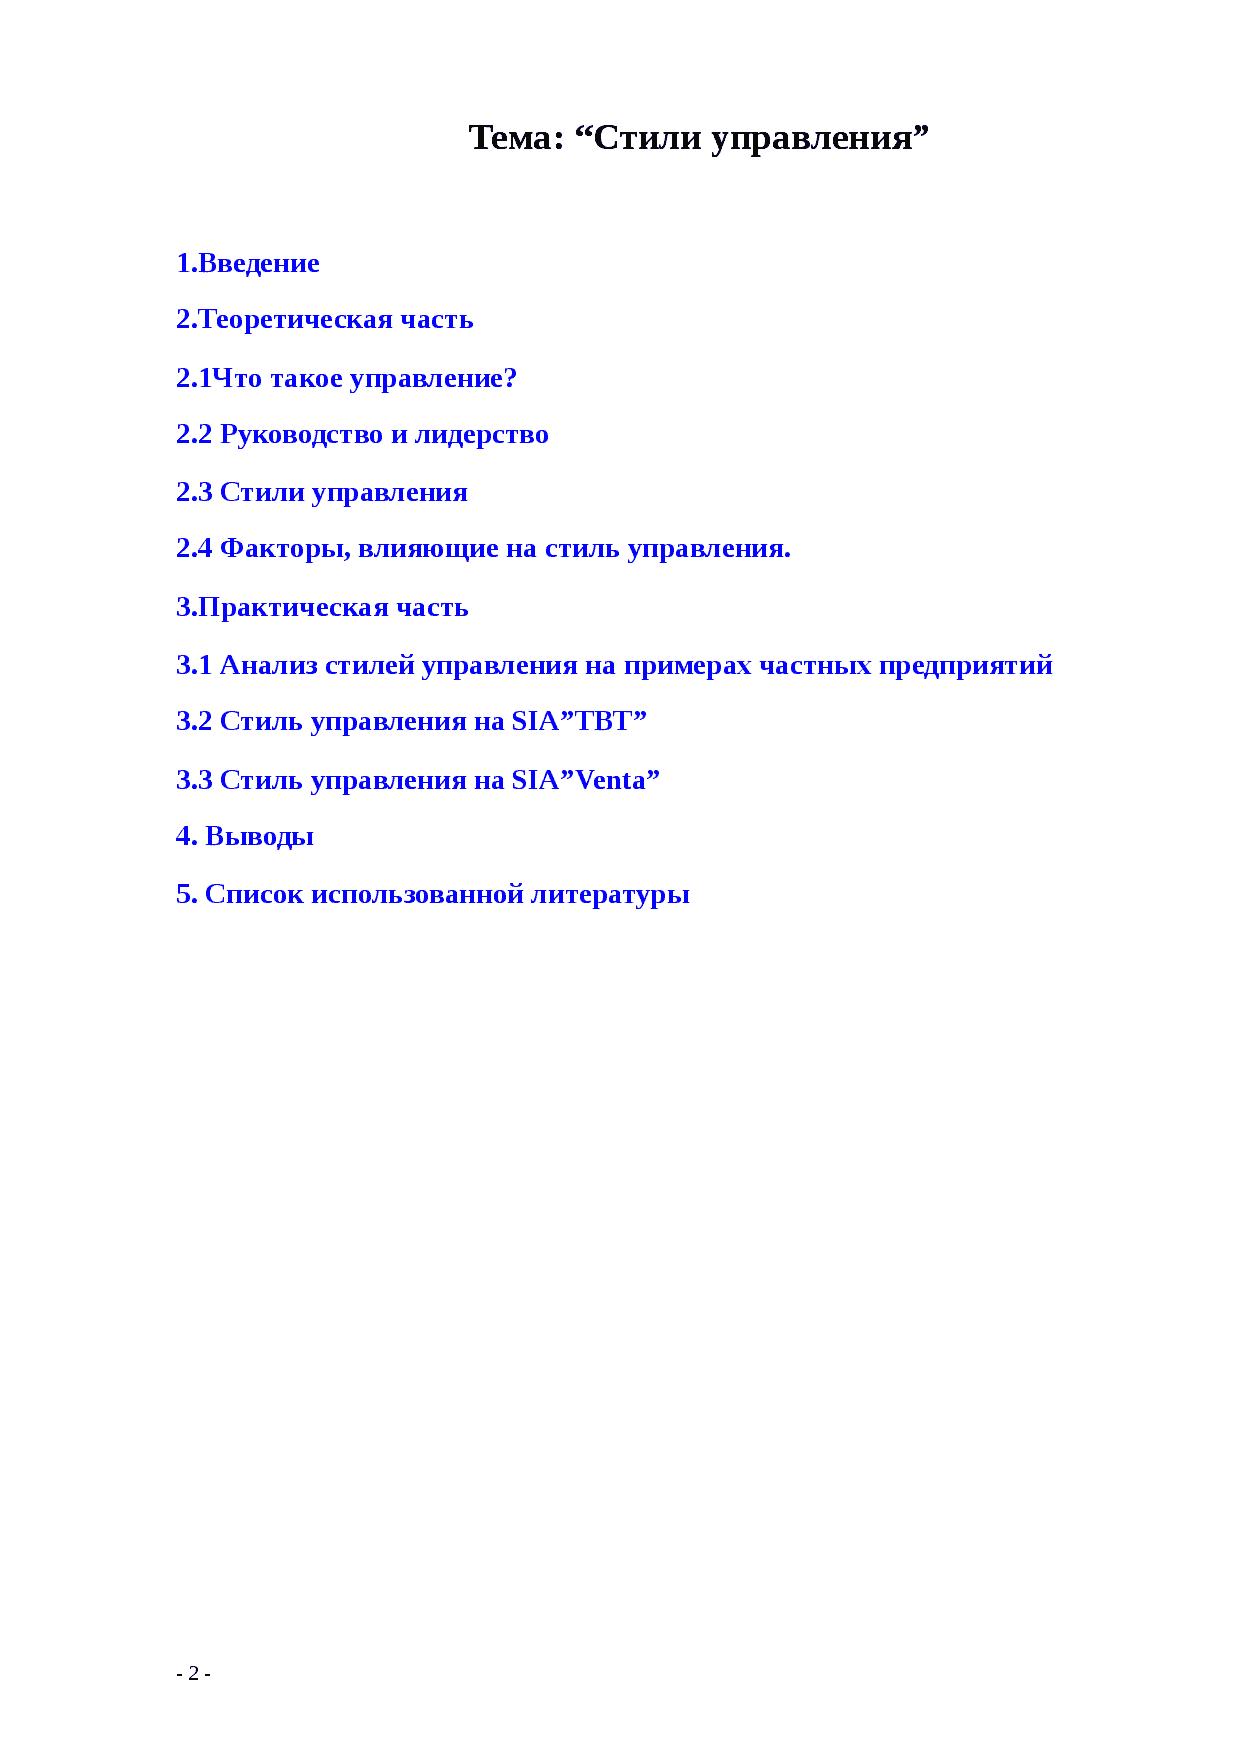 Стили руководства: их особенности, достоинства и недостатки (стр. 3 из 5)